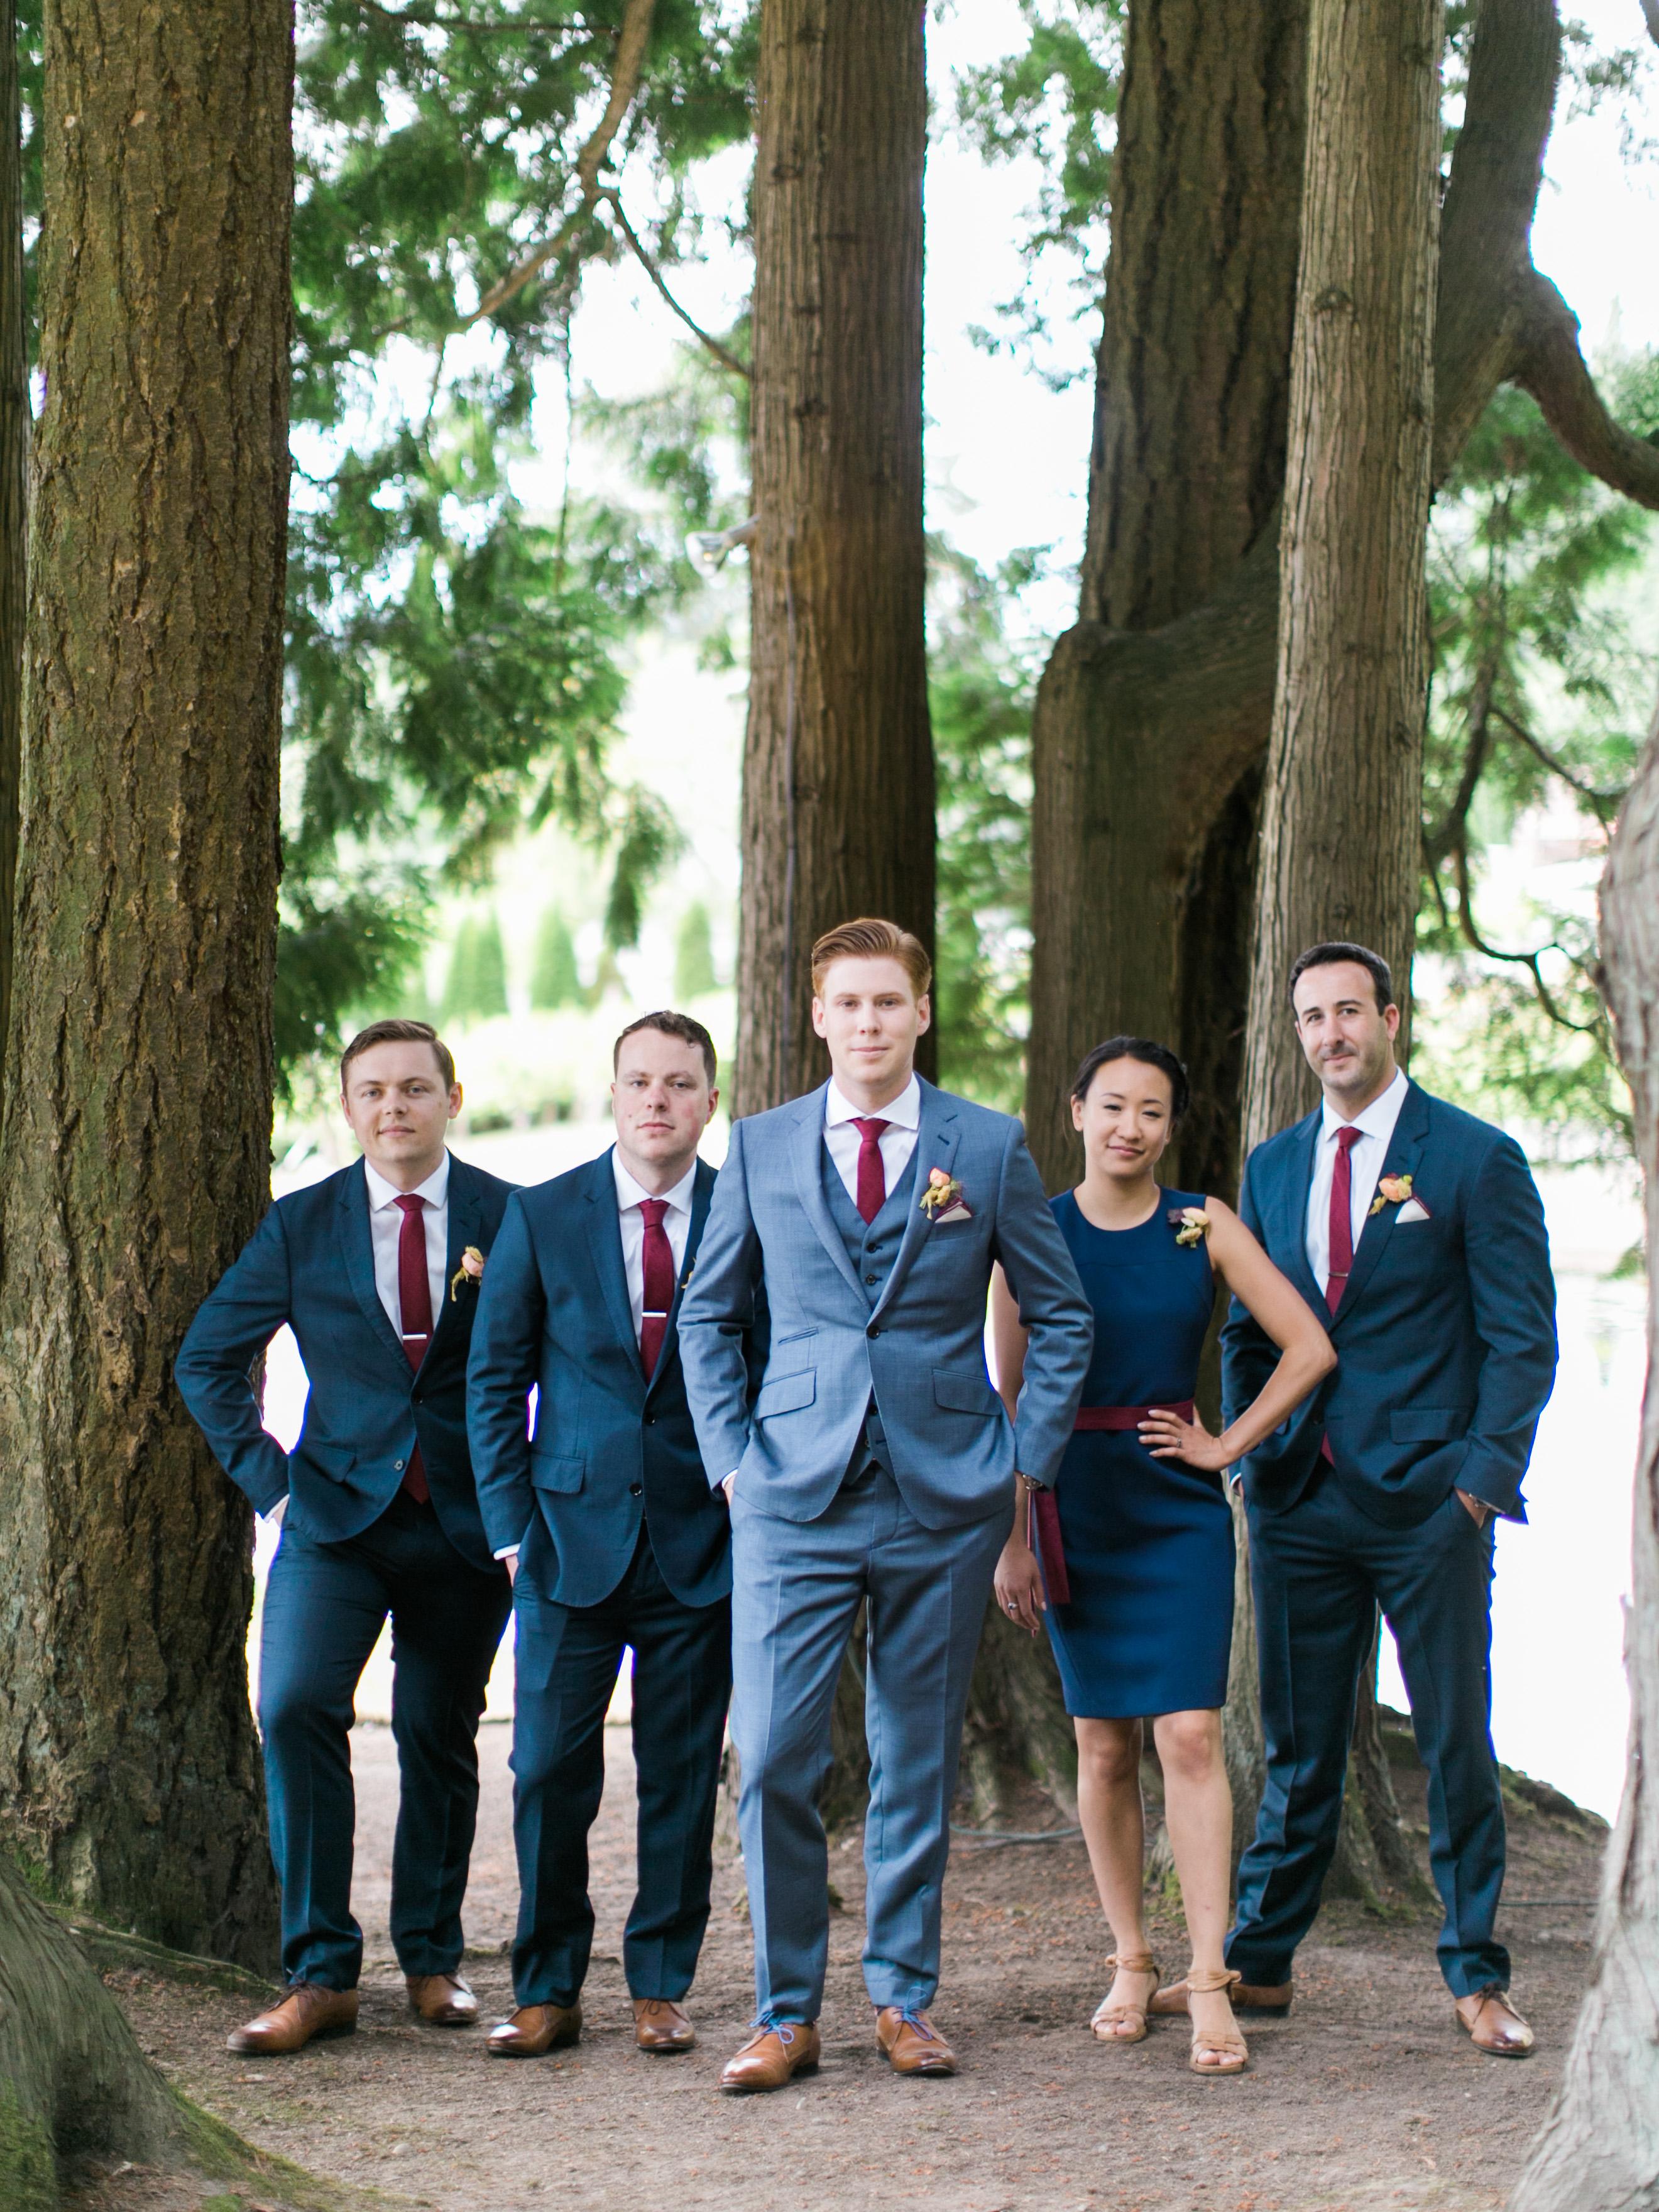 paige matt wedding groomsmen in forest